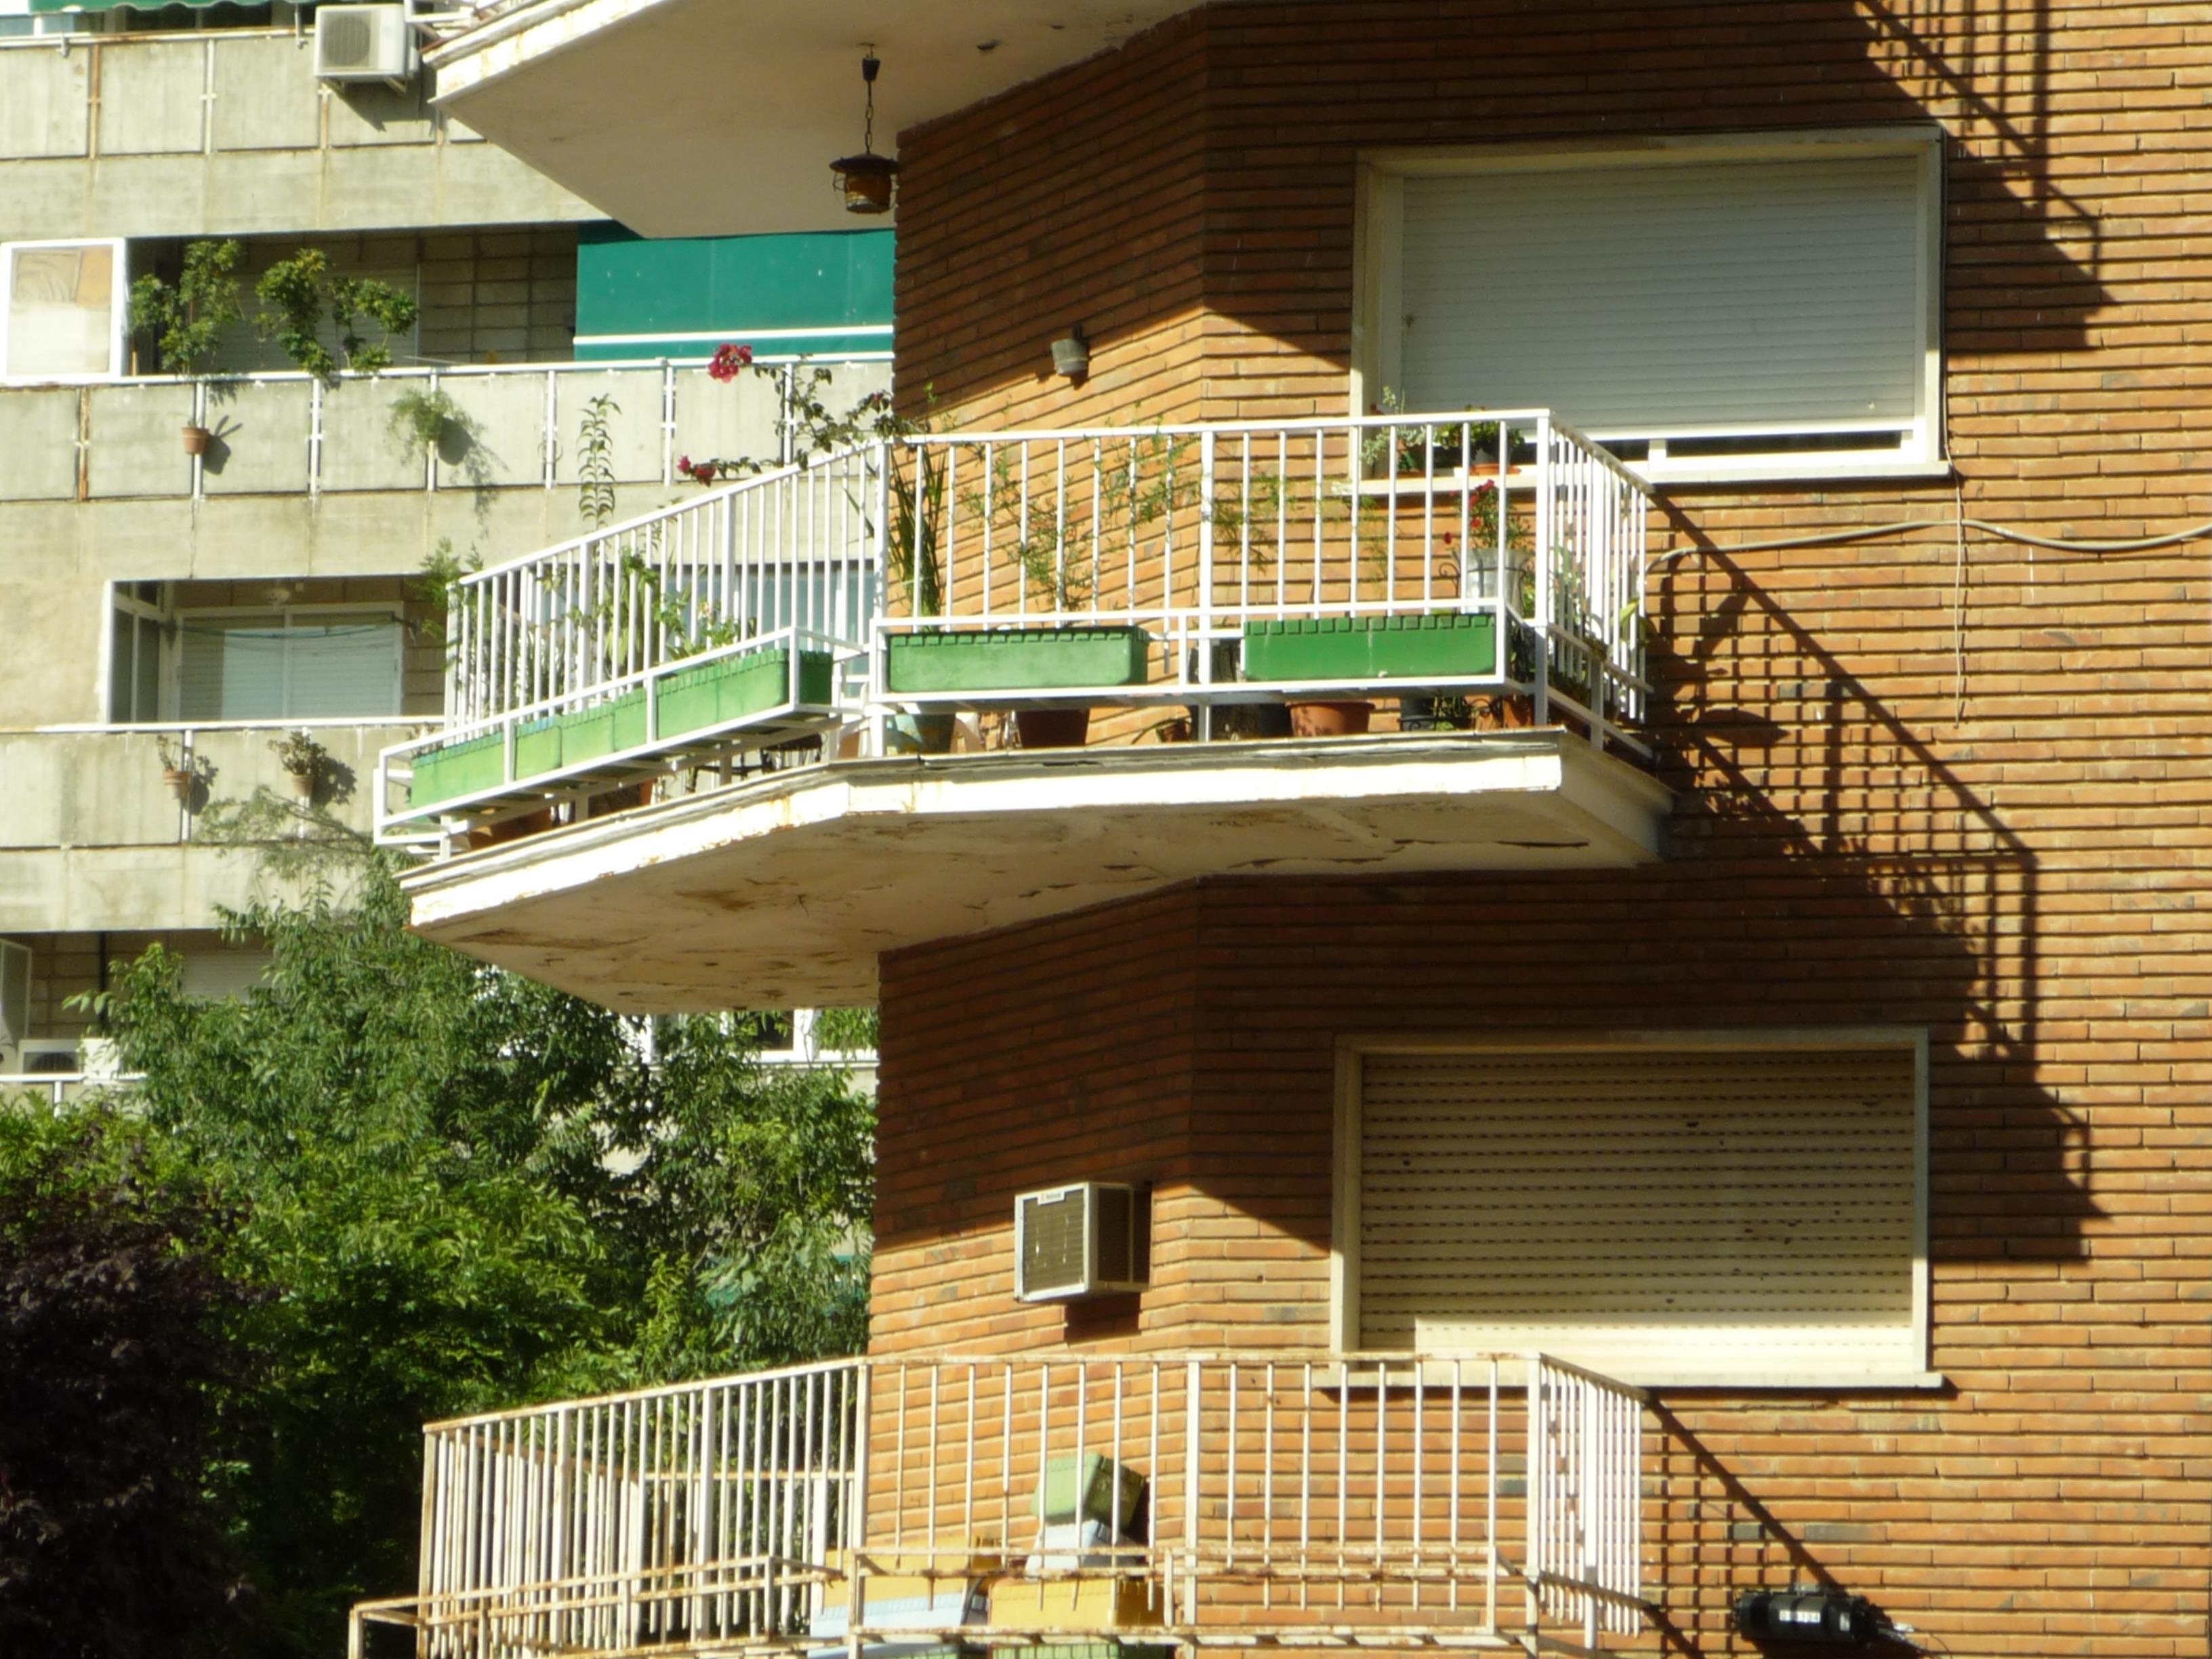 Fotos gratis arquitectura cubierta madera casa techo for Cubiertas para techos de casas